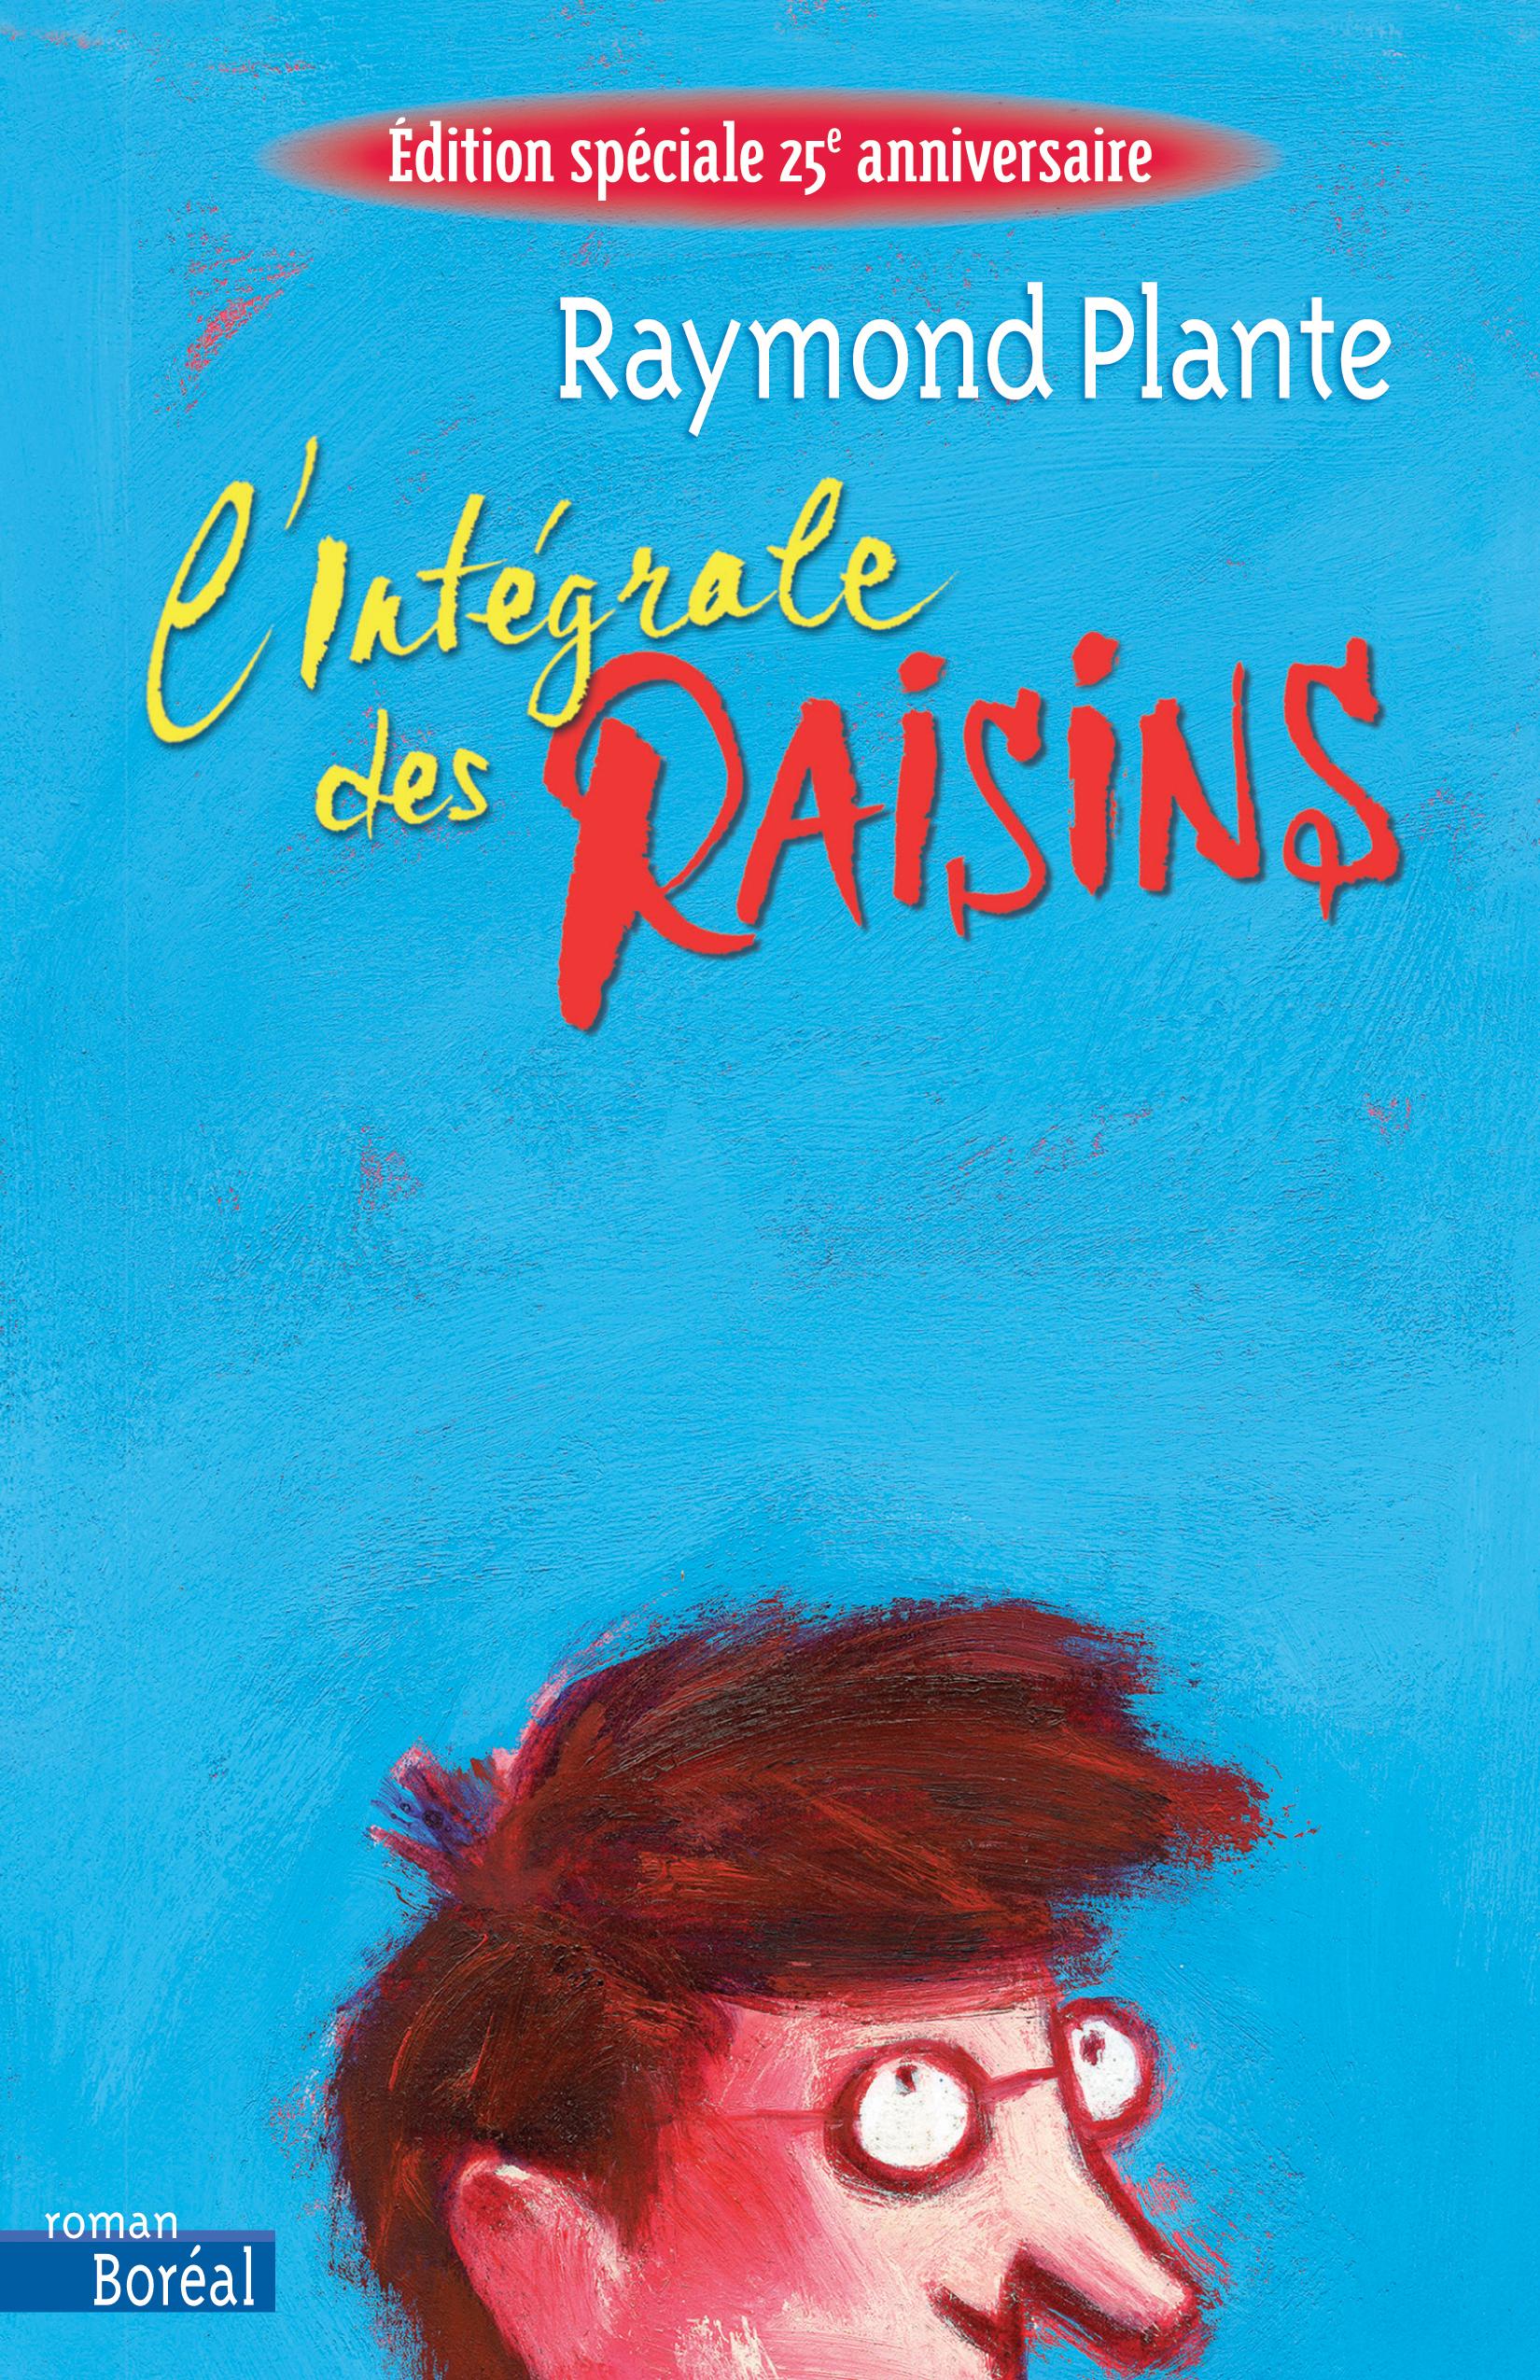 Couverture : Intégrale des raisins (L') Raymond Plante